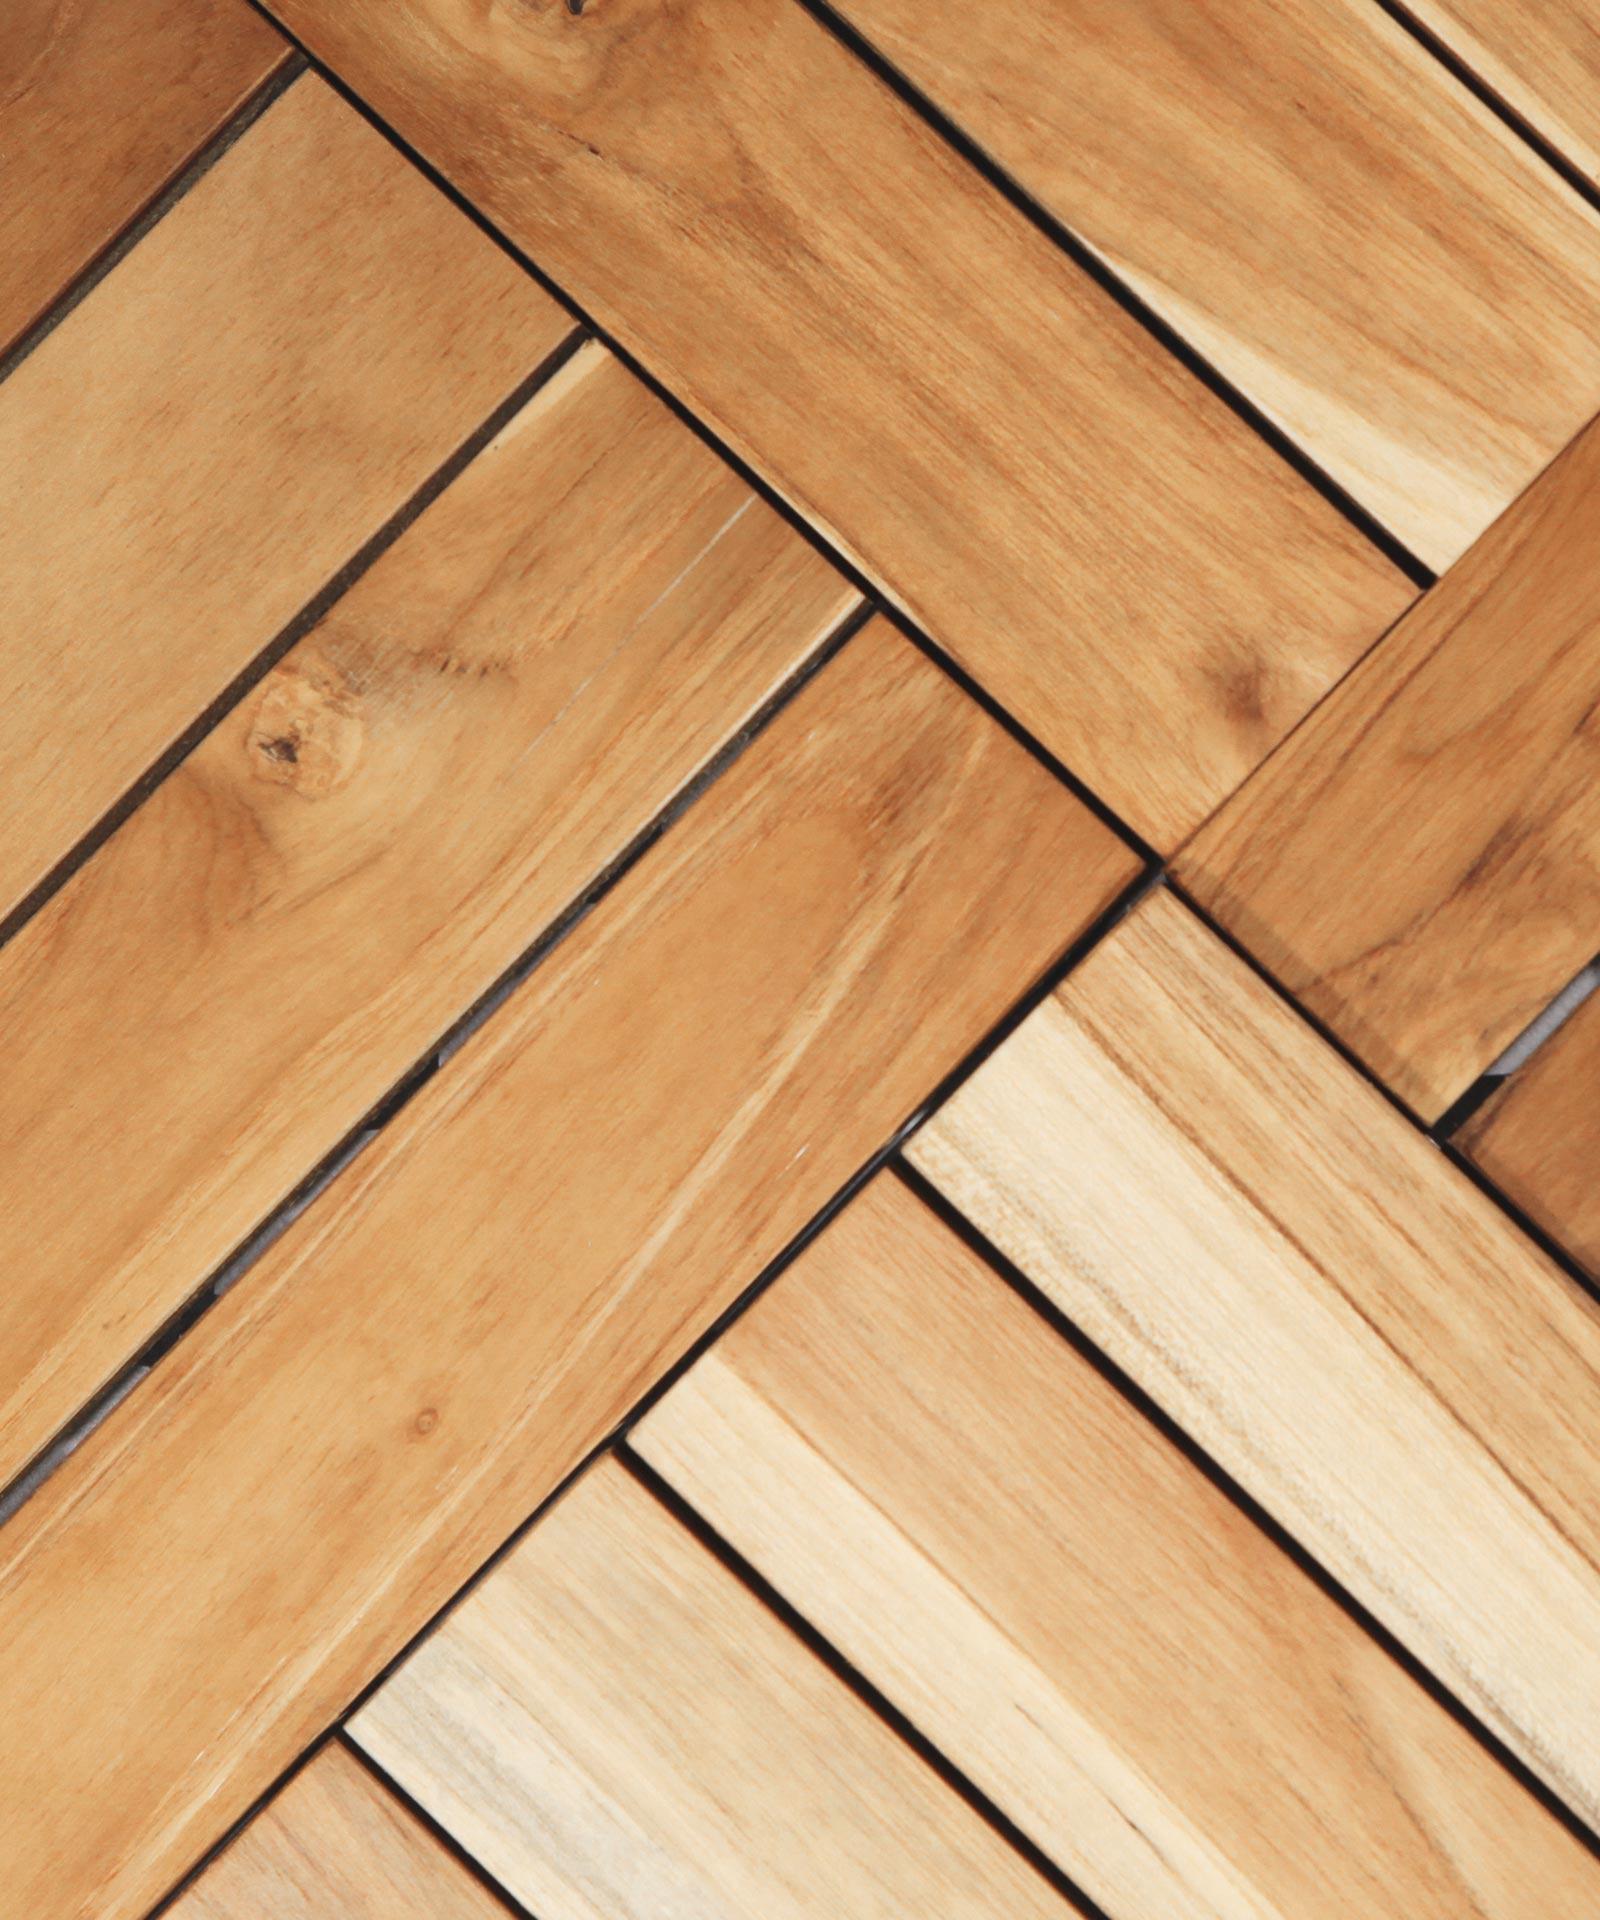 Teak Holzfliesen mit Klick System kaufen 30x30cm FSC